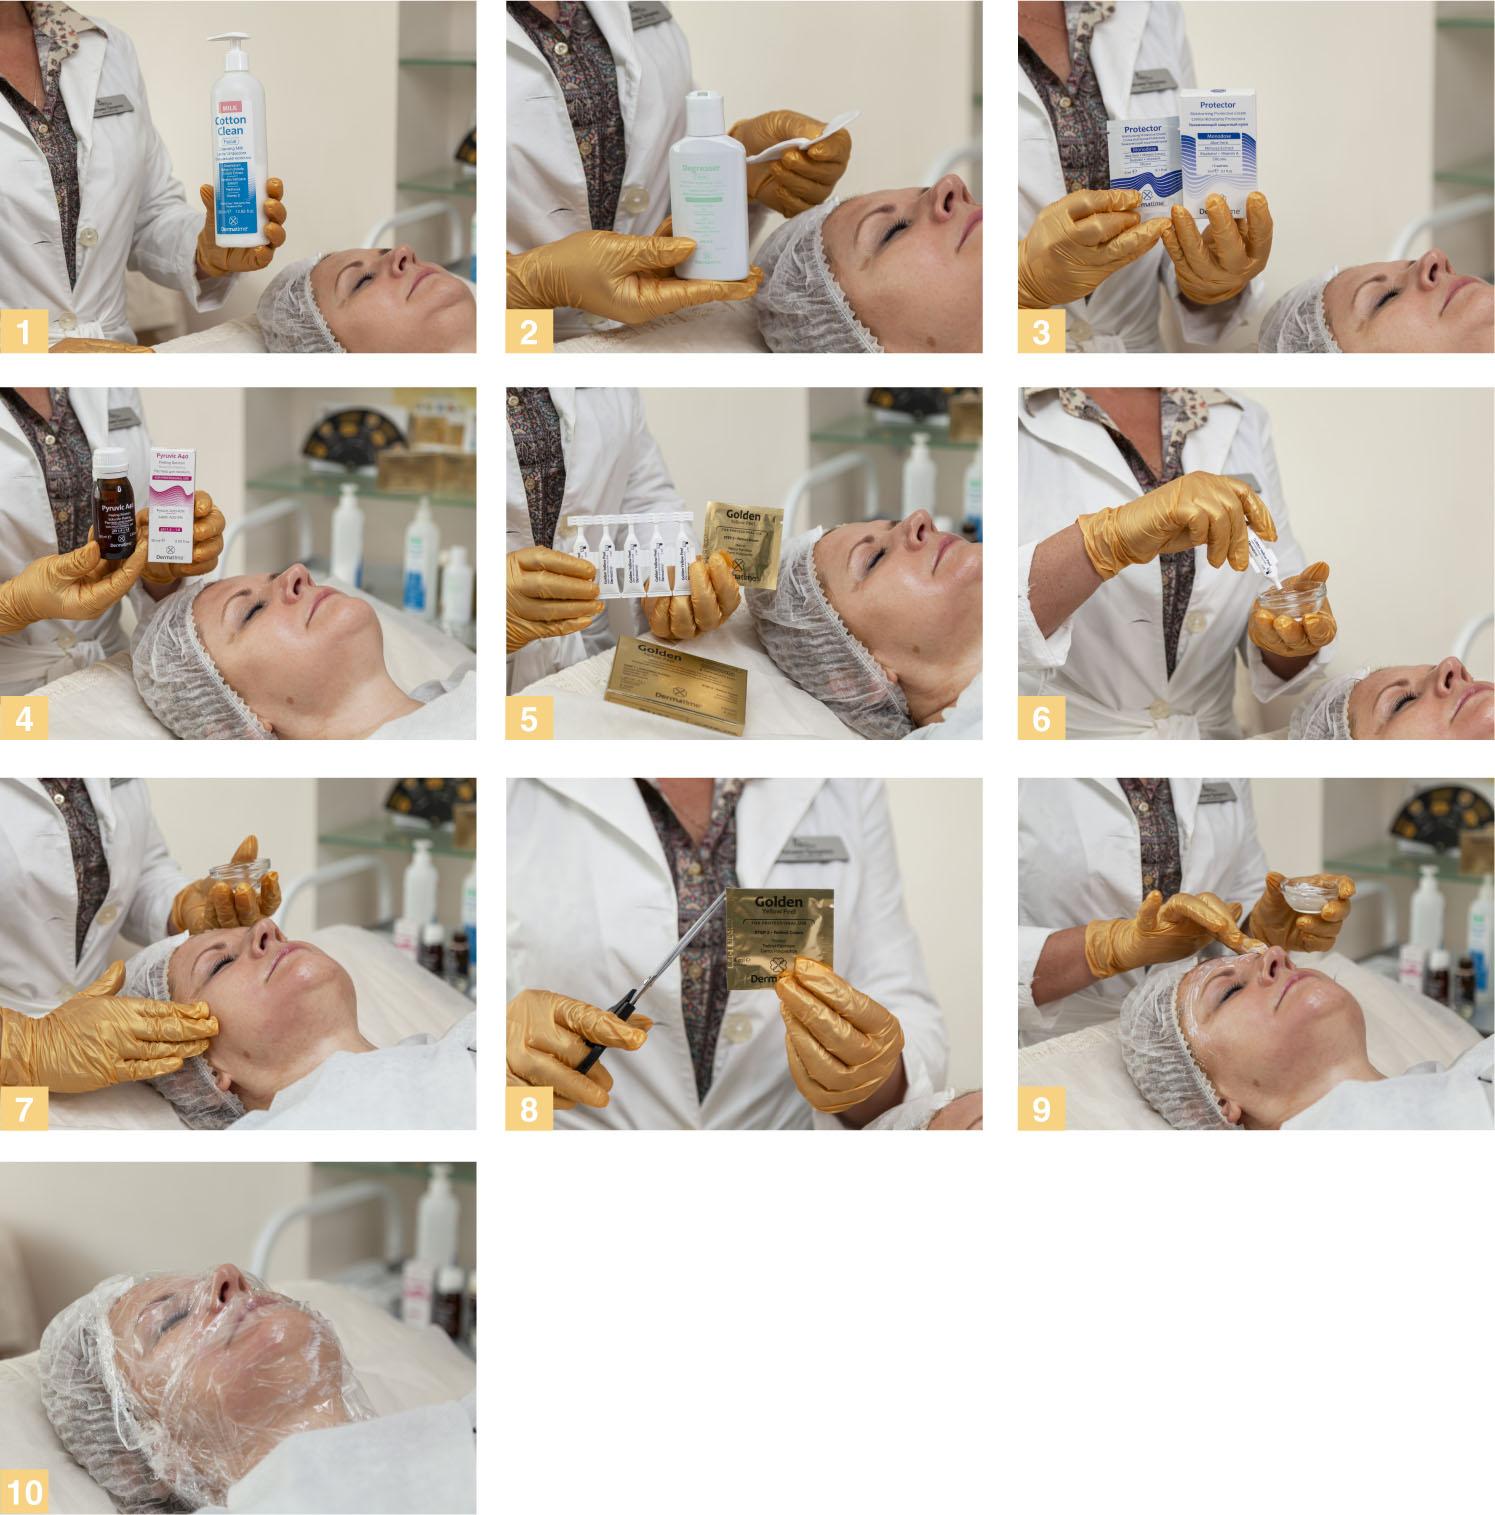 пилинги плеяна протокол процедур